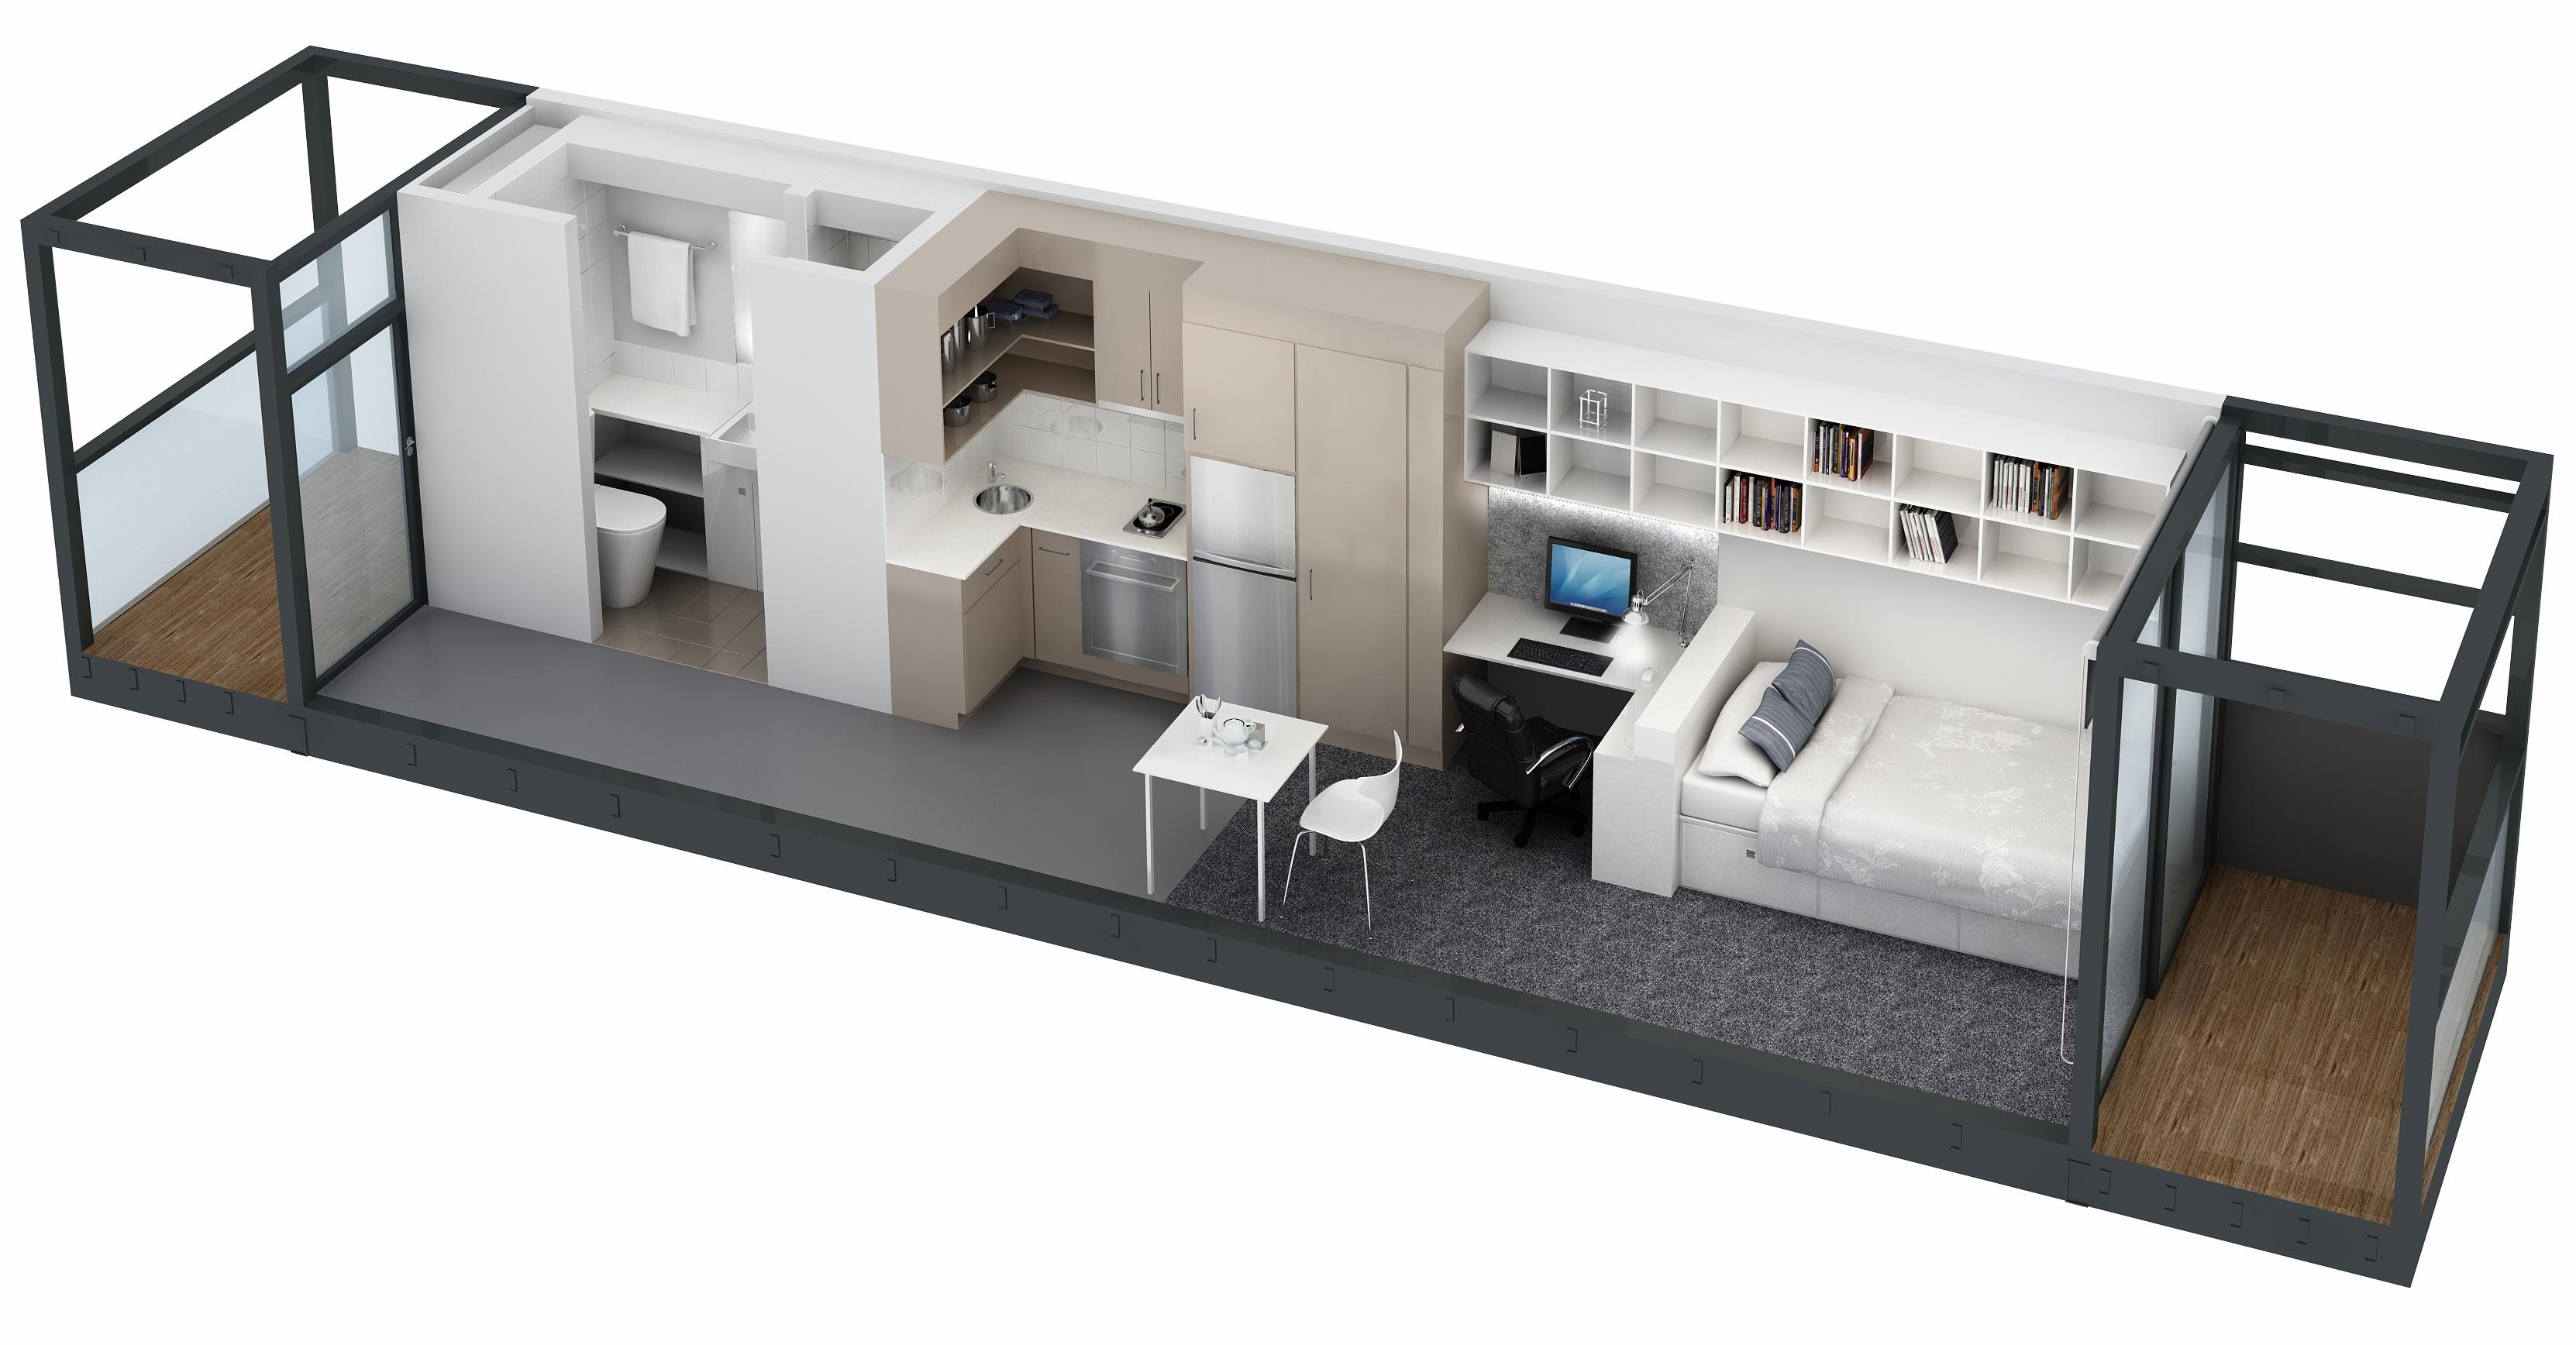 Modular Living abc news: compact living (anu modular student accomodation